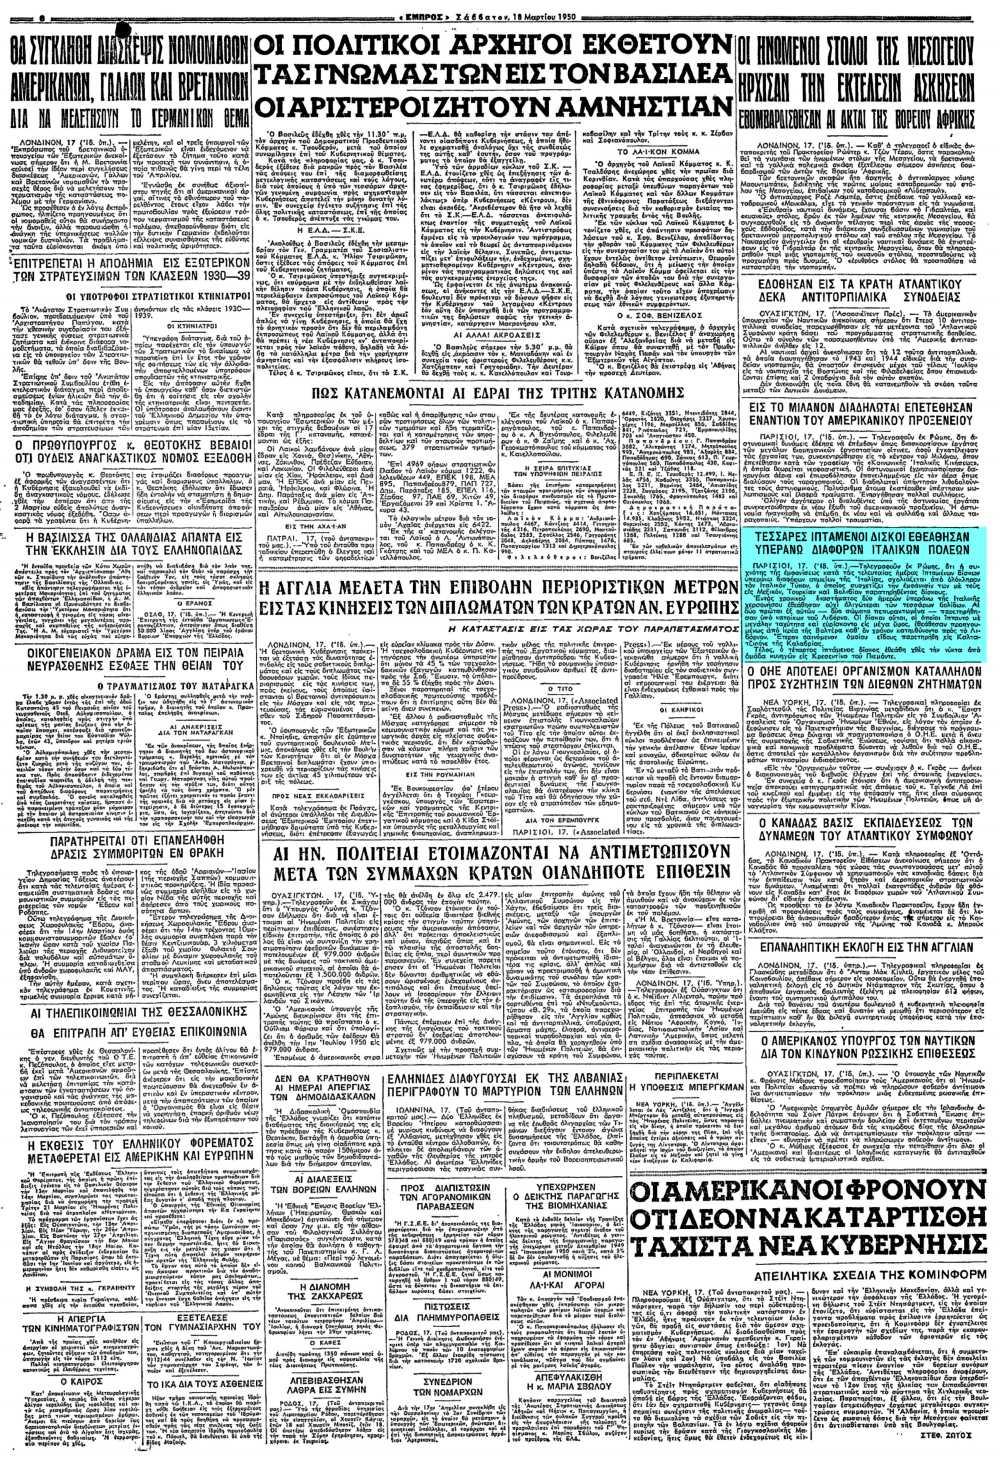 """Το άρθρο, όπως δημοσιεύθηκε στην εφημερίδα """"ΕΜΠΡΟΣ"""", στις 18/03/1950"""